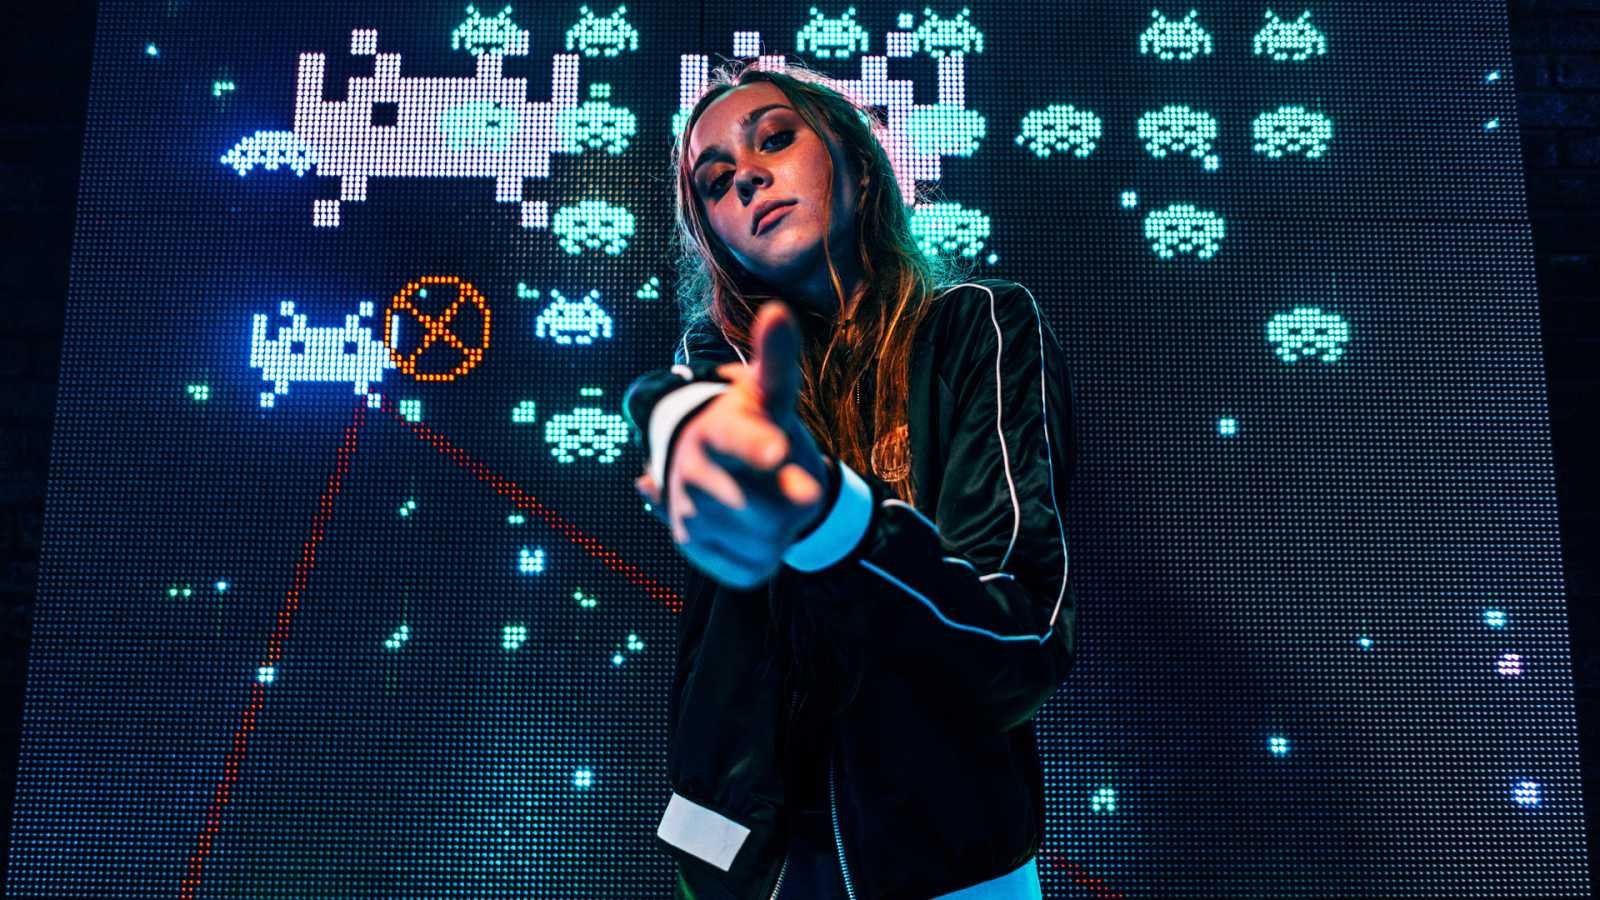 Solo un 4% de las mujeres se identifica en las partidas online, según un estudio